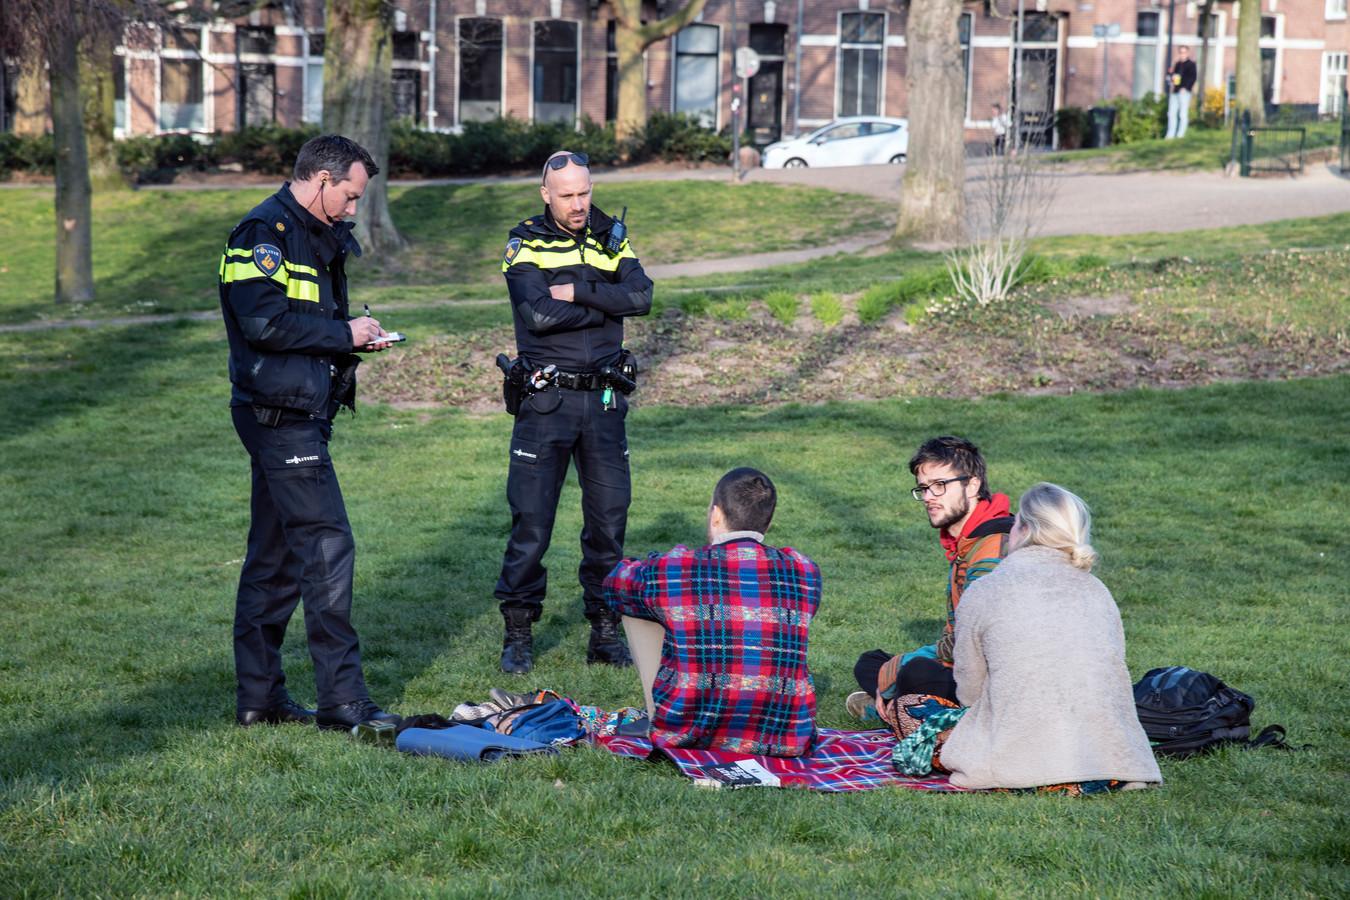 Agenten schrijven een boete uit aan jongeren in een park in Nijmegen.